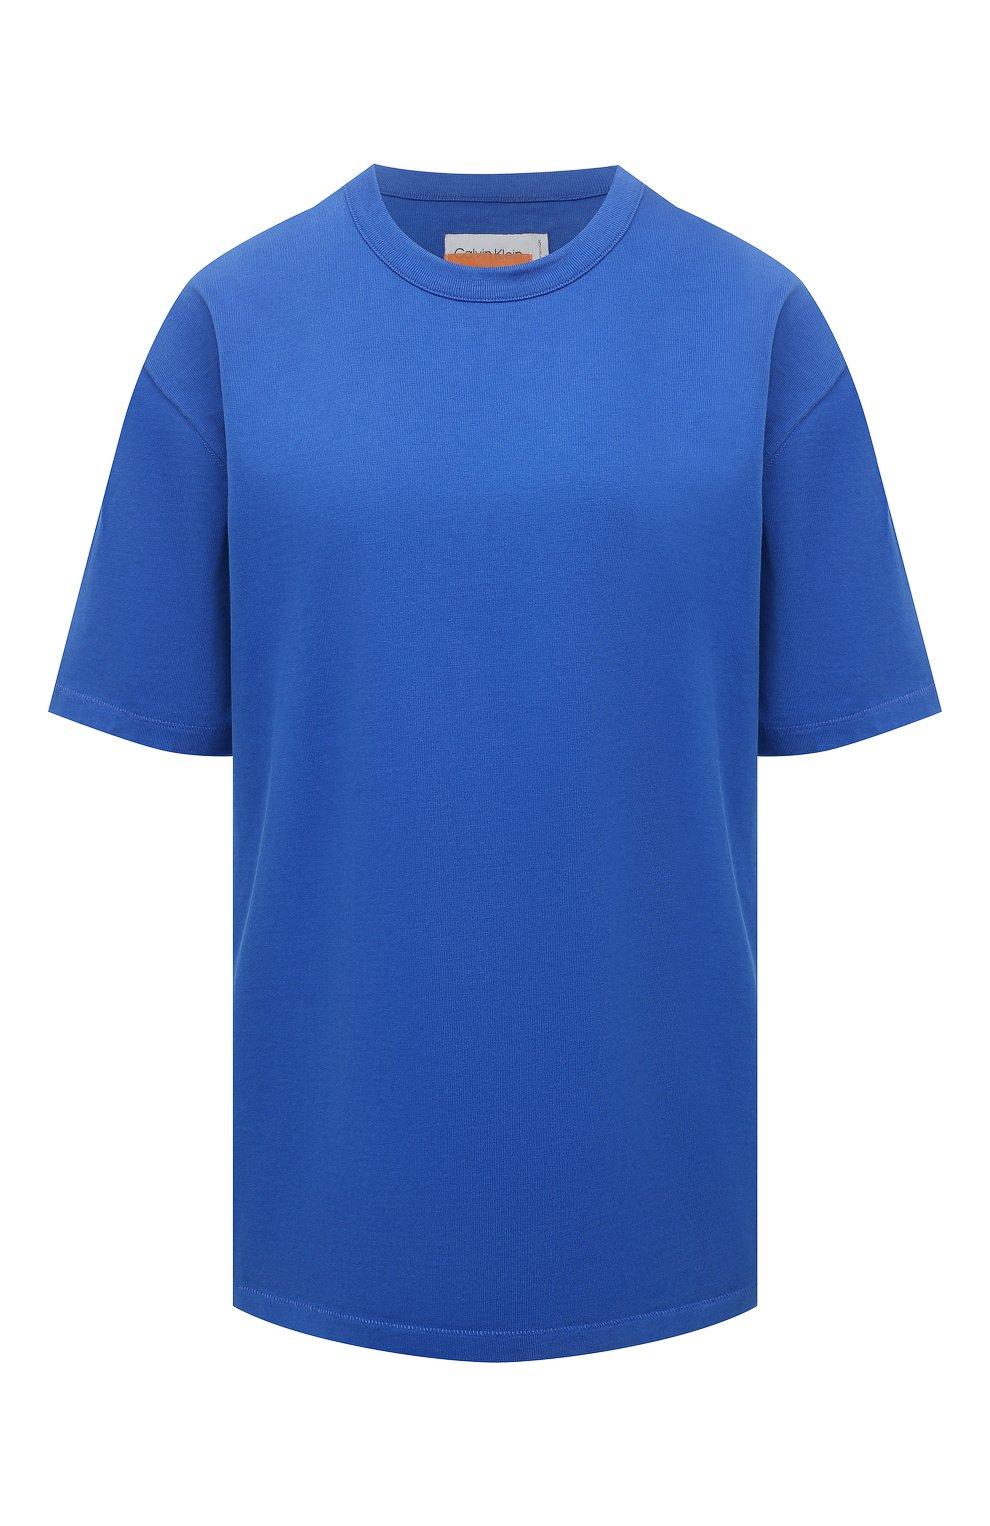 Женская хлопковая футболка HERON PRESTON FOR CALVIN KLEIN синего цвета, арт. K10K108252 | Фото 1 (Женское Кросс-КТ: Футболка-спорт; Принт: Без принта; Рукава: Короткие; Длина (для топов): Стандартные; Материал внешний: Хлопок; Стили: Спорт-шик)